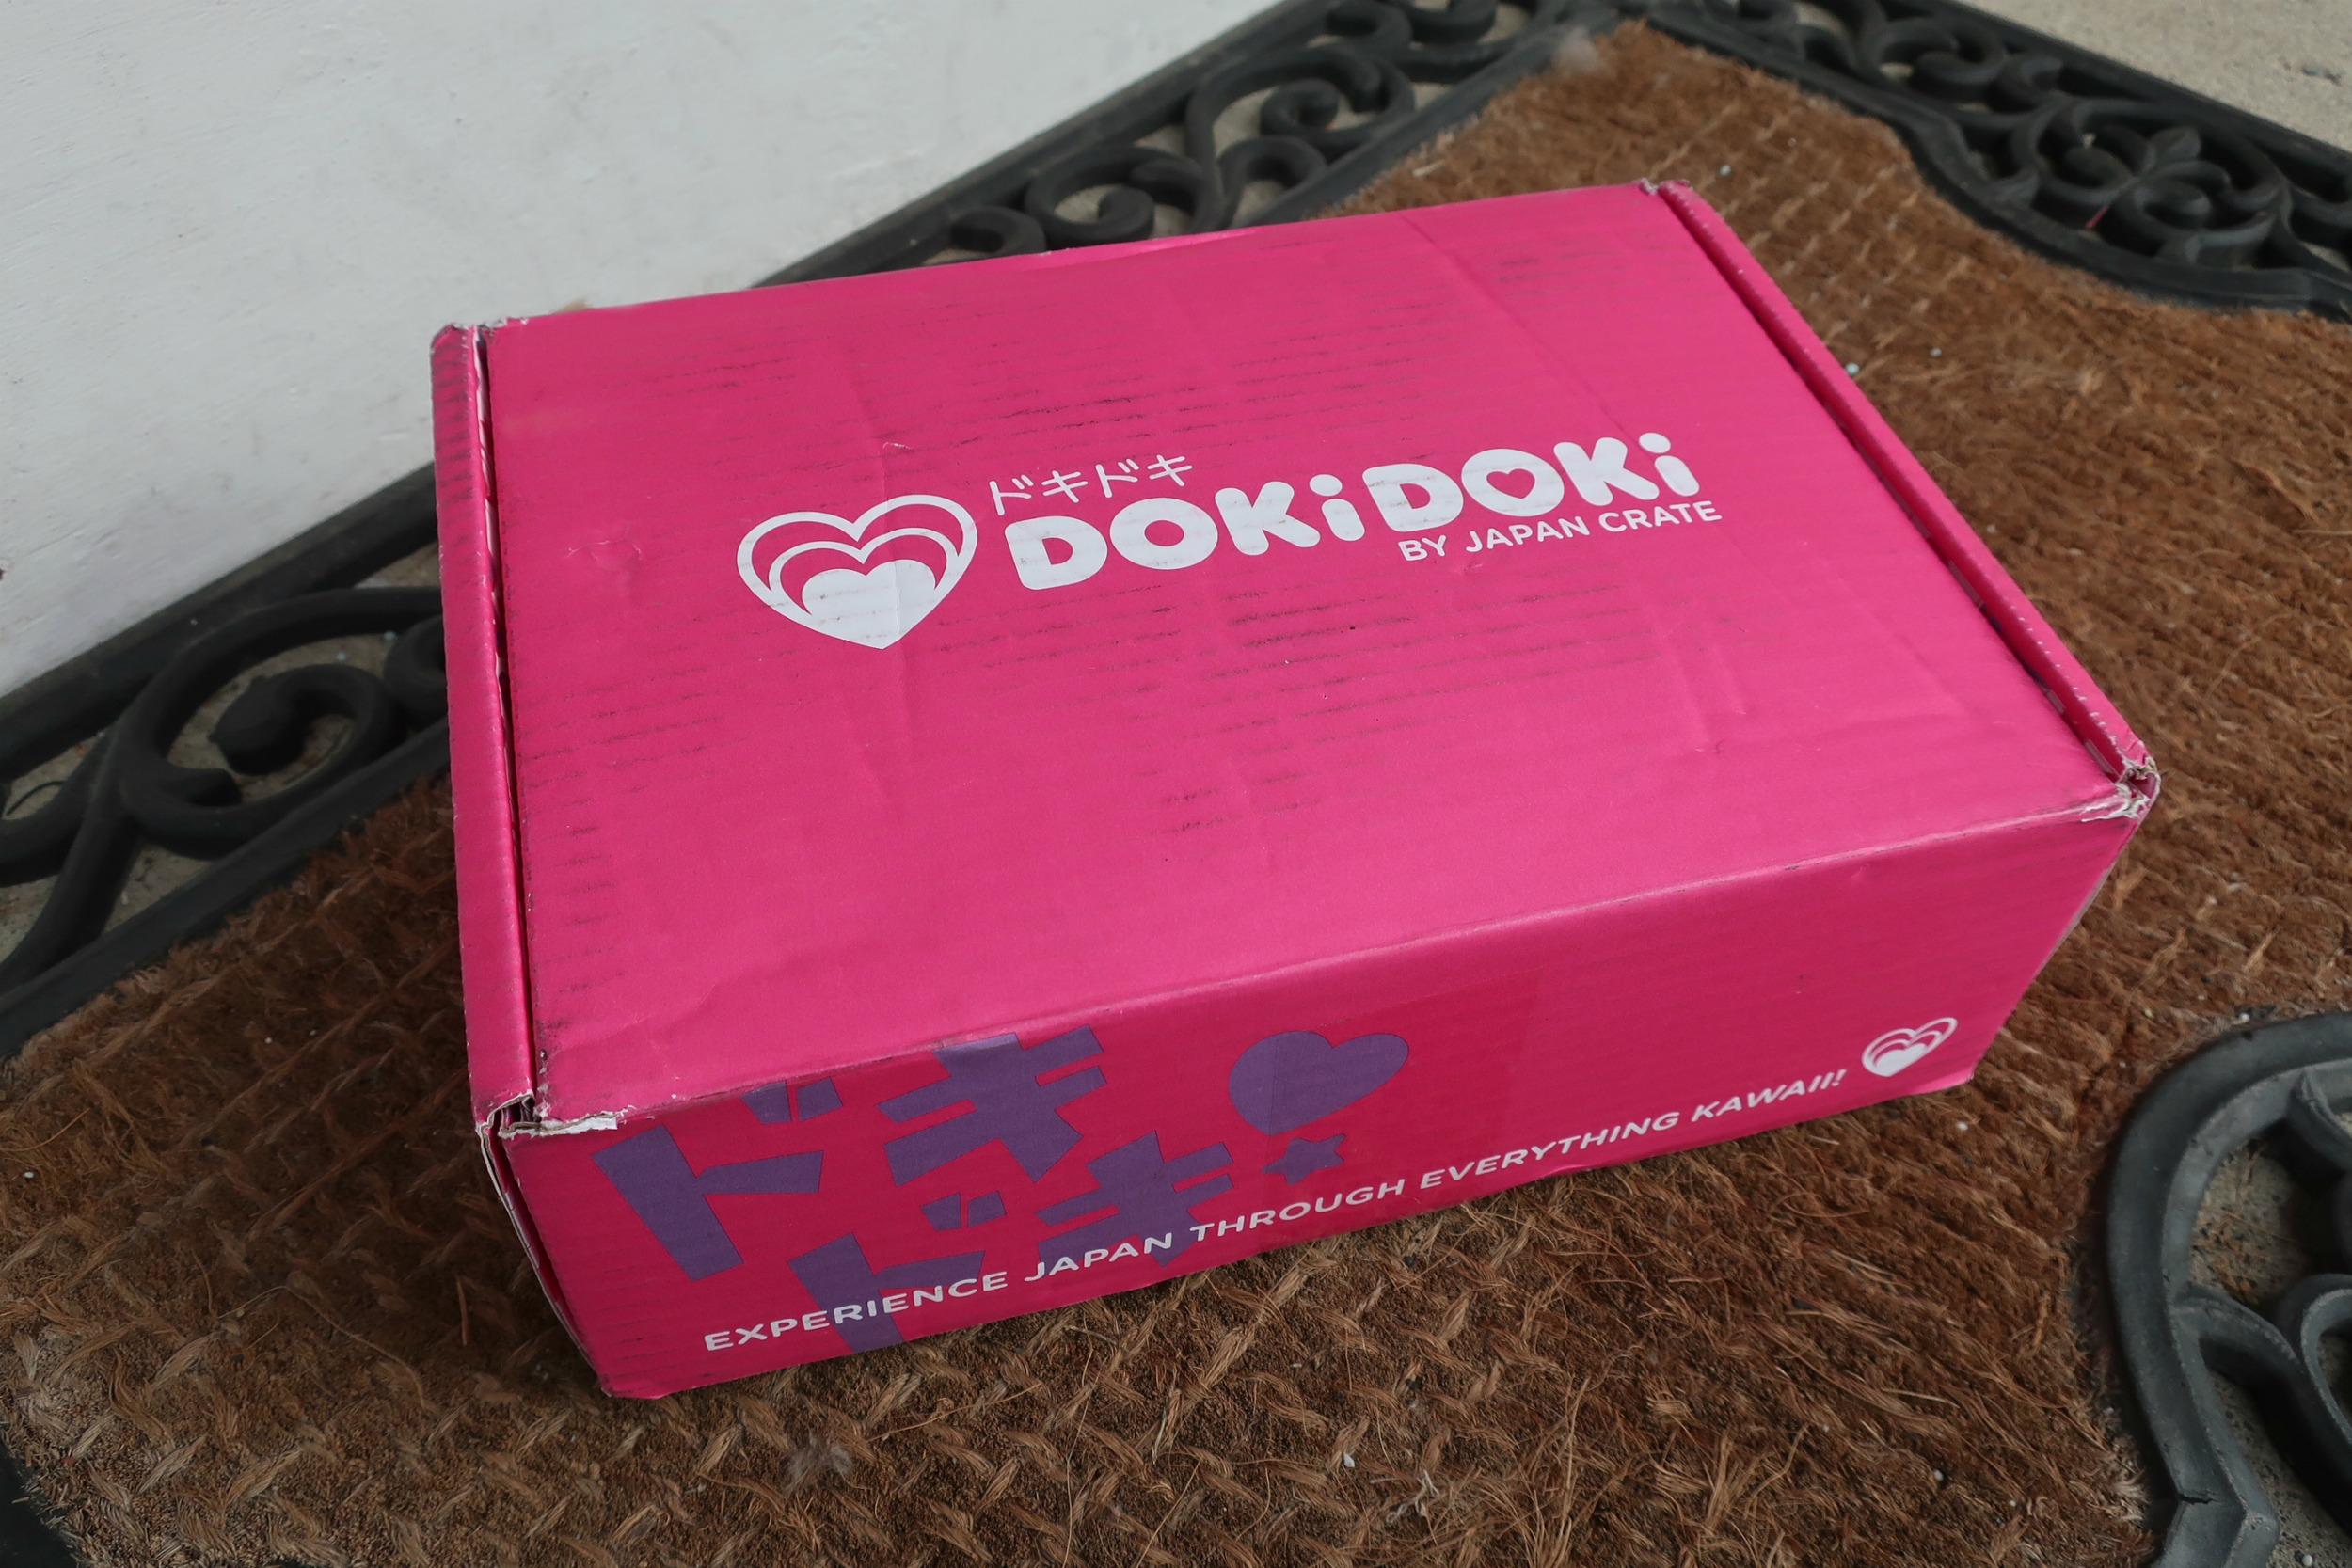 Doki Doki Box Japan Crate